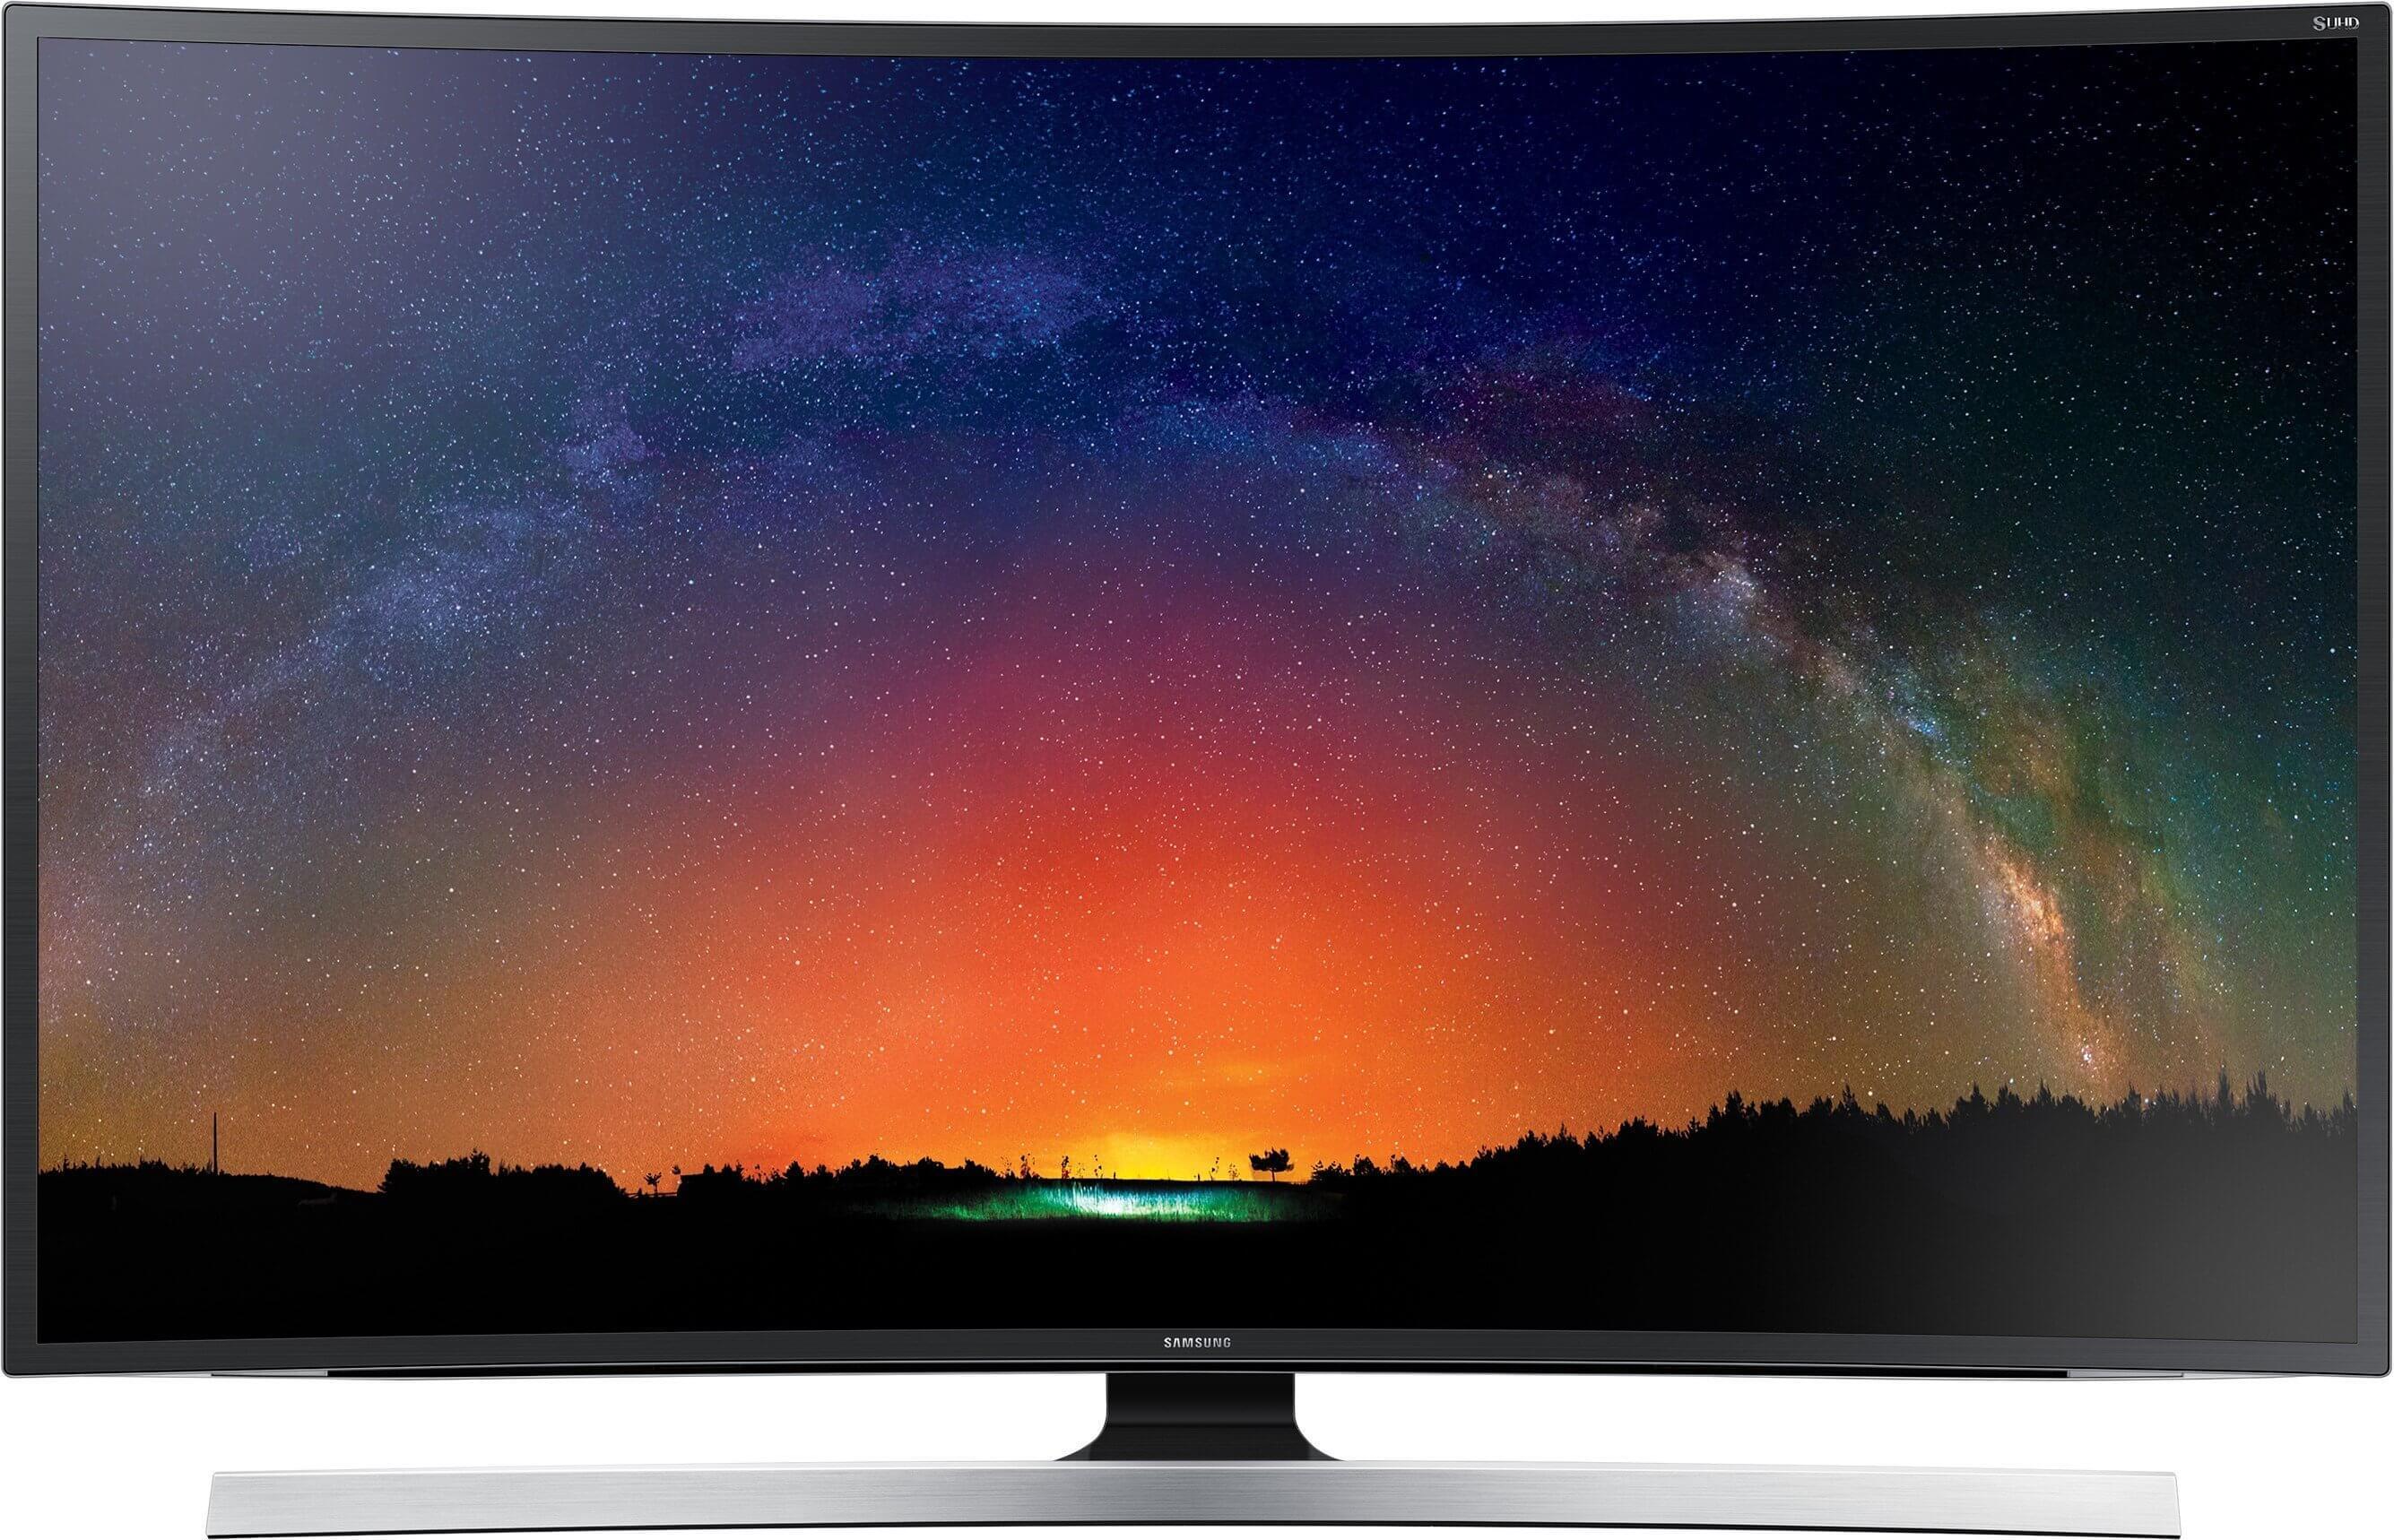 Можно ли использовать экран от телевизора для компьютера?